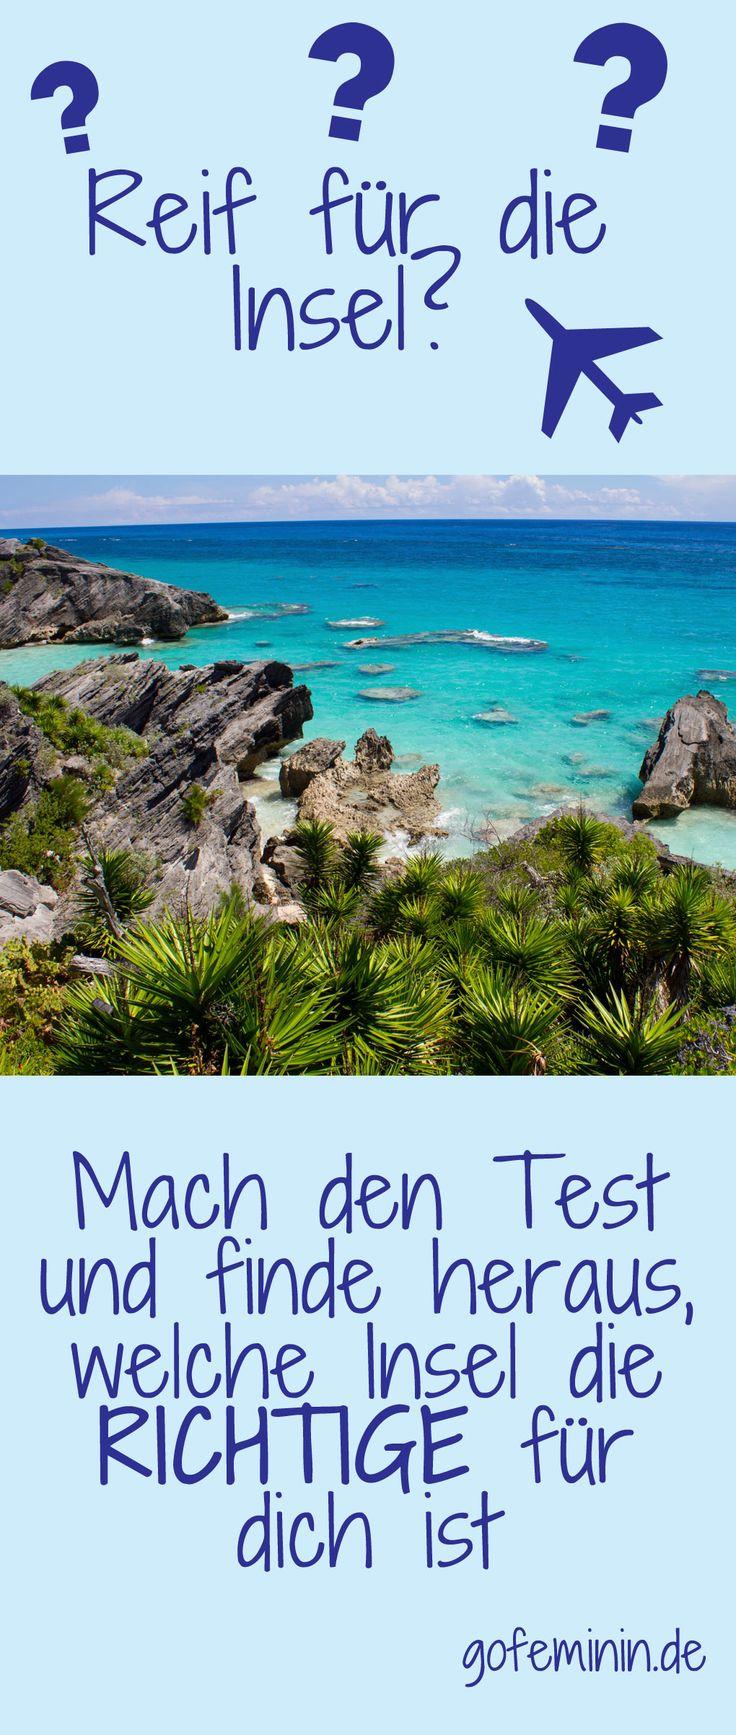 Auf und davon! Finde jetzt heraus, auf welcher Trauminsel du unbedingt mal Urlaub machen solltest: http://www.gofeminin.de/reise/test-trauminsel-s1442399.html #reise #urlaub #insel